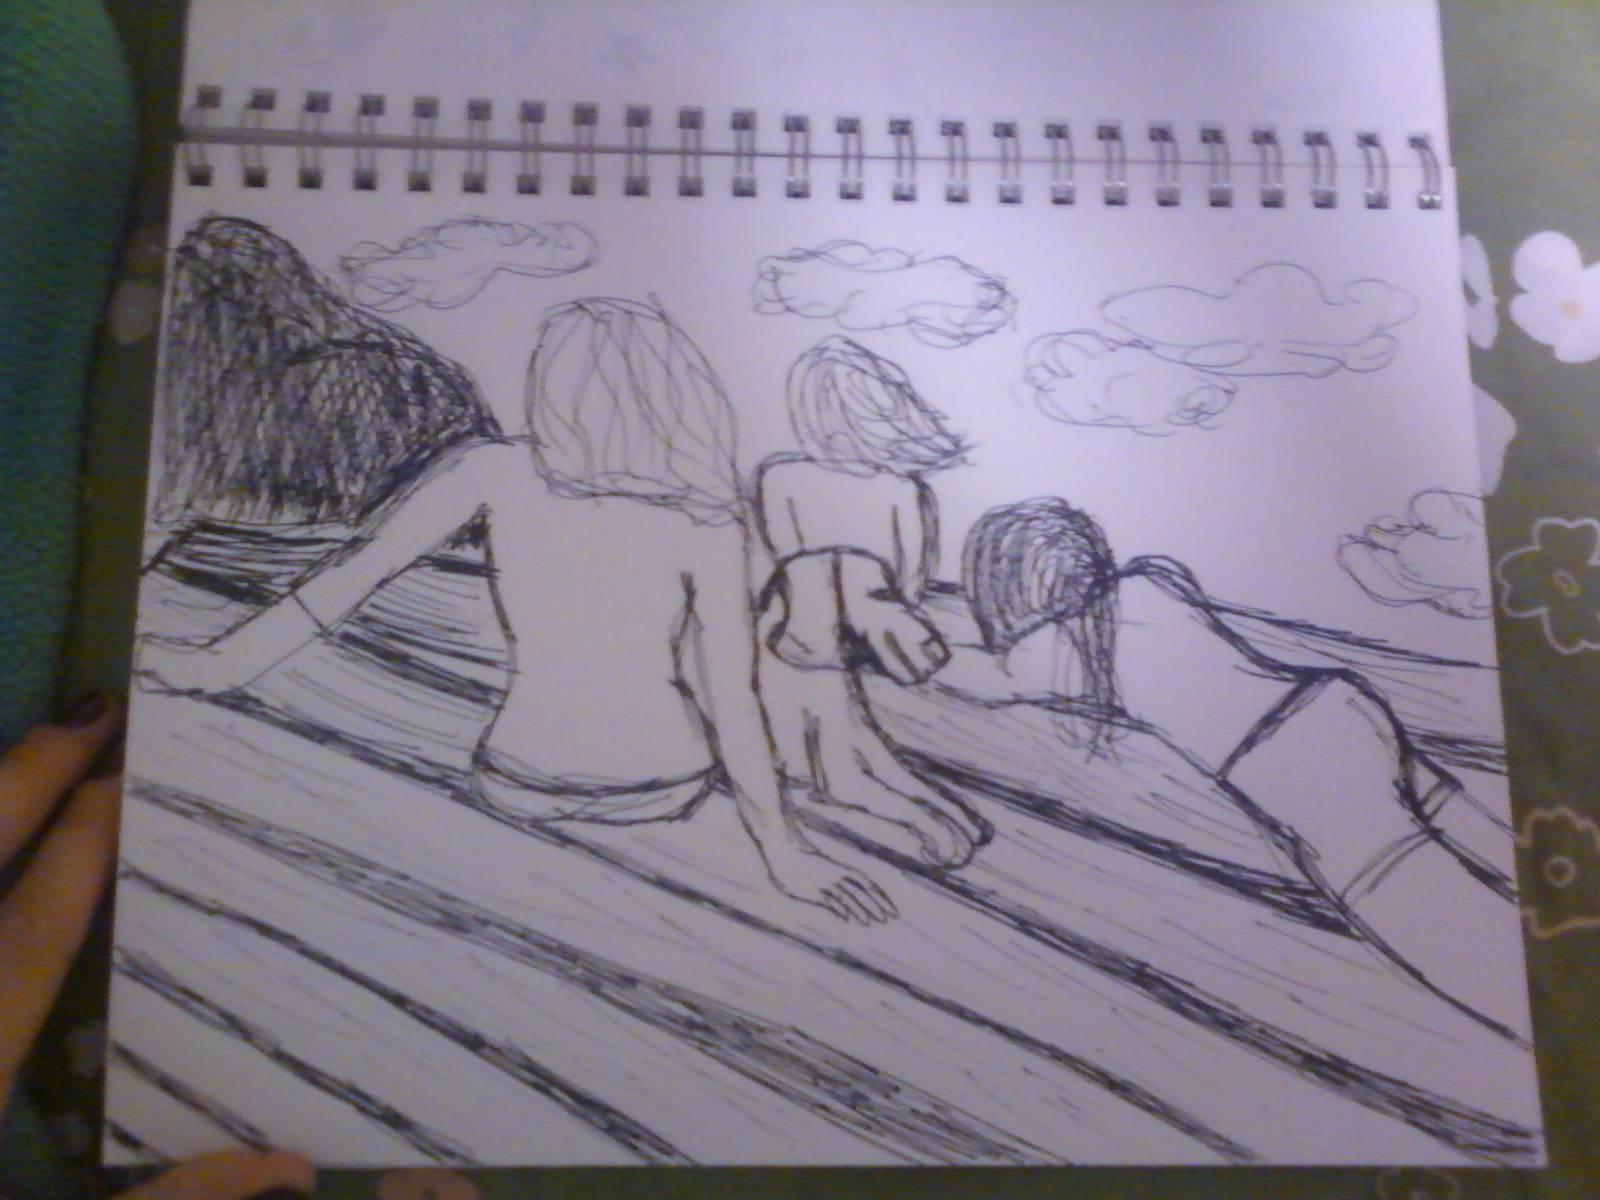 Umbra Ergo Sol Solis Sketch Of Spencer Pond